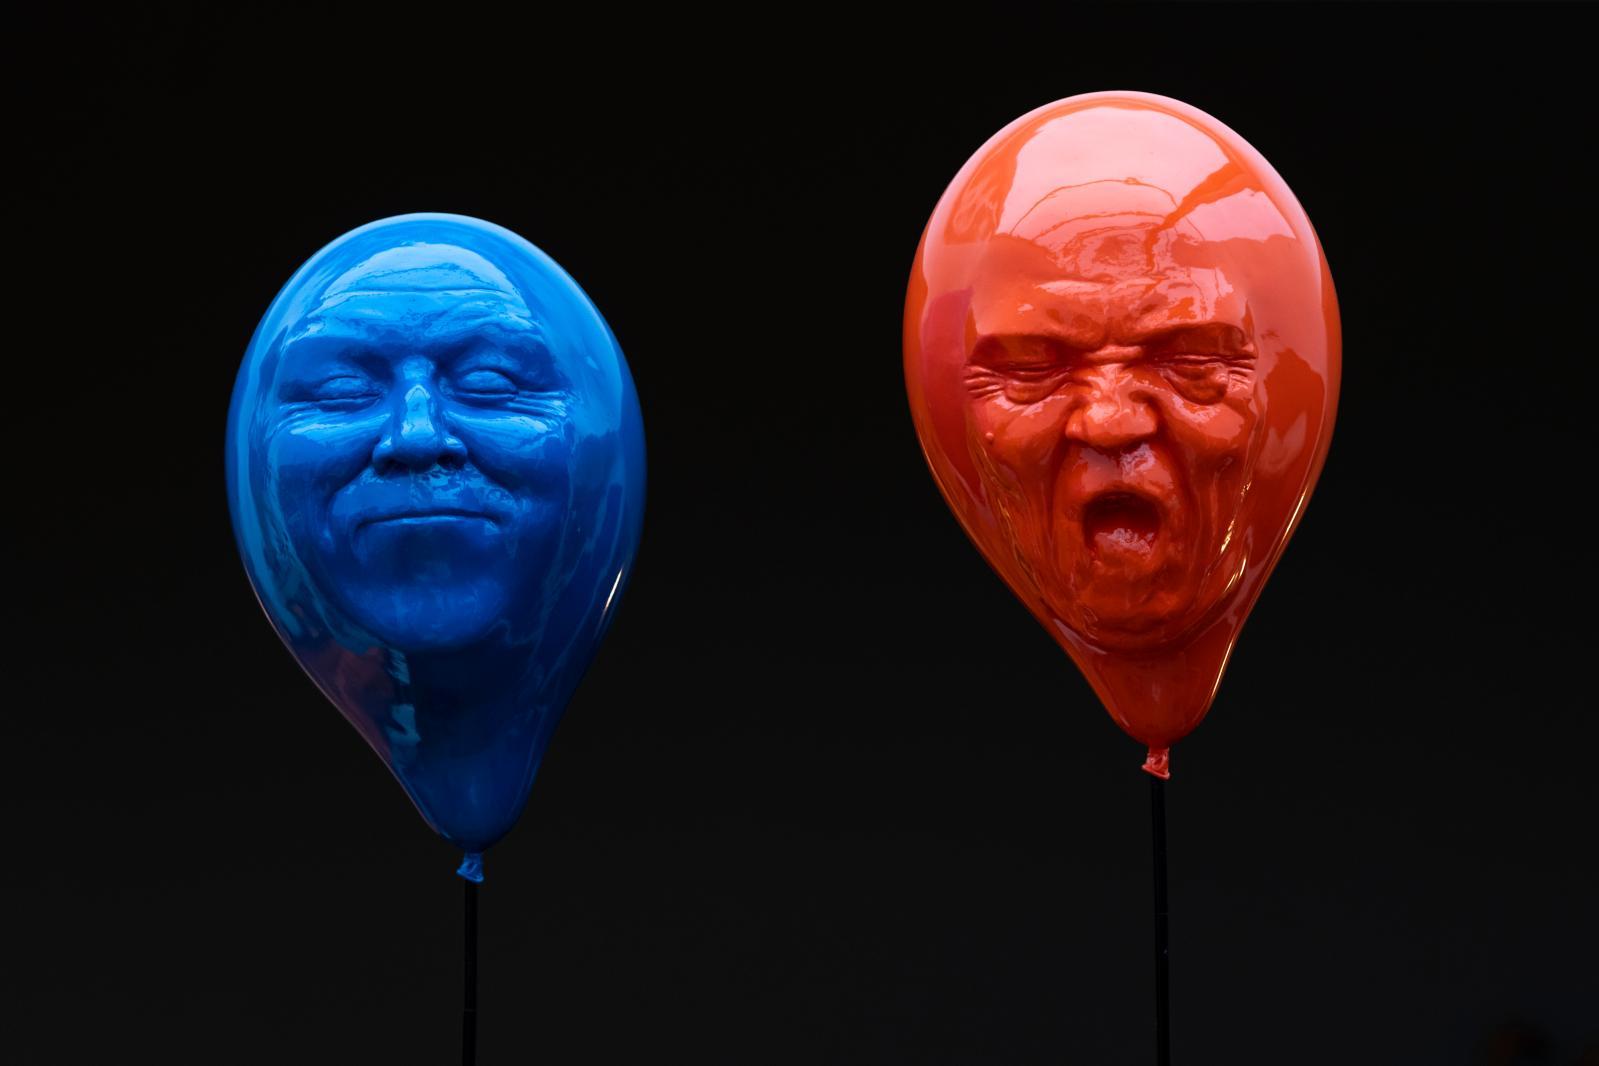 Mauro Corda (né en 1960), Ballons tête orange et bleue, 2012, résine, h. 240 cmavec la tige socle, le ballon 35 cm. Photo Fred Laures